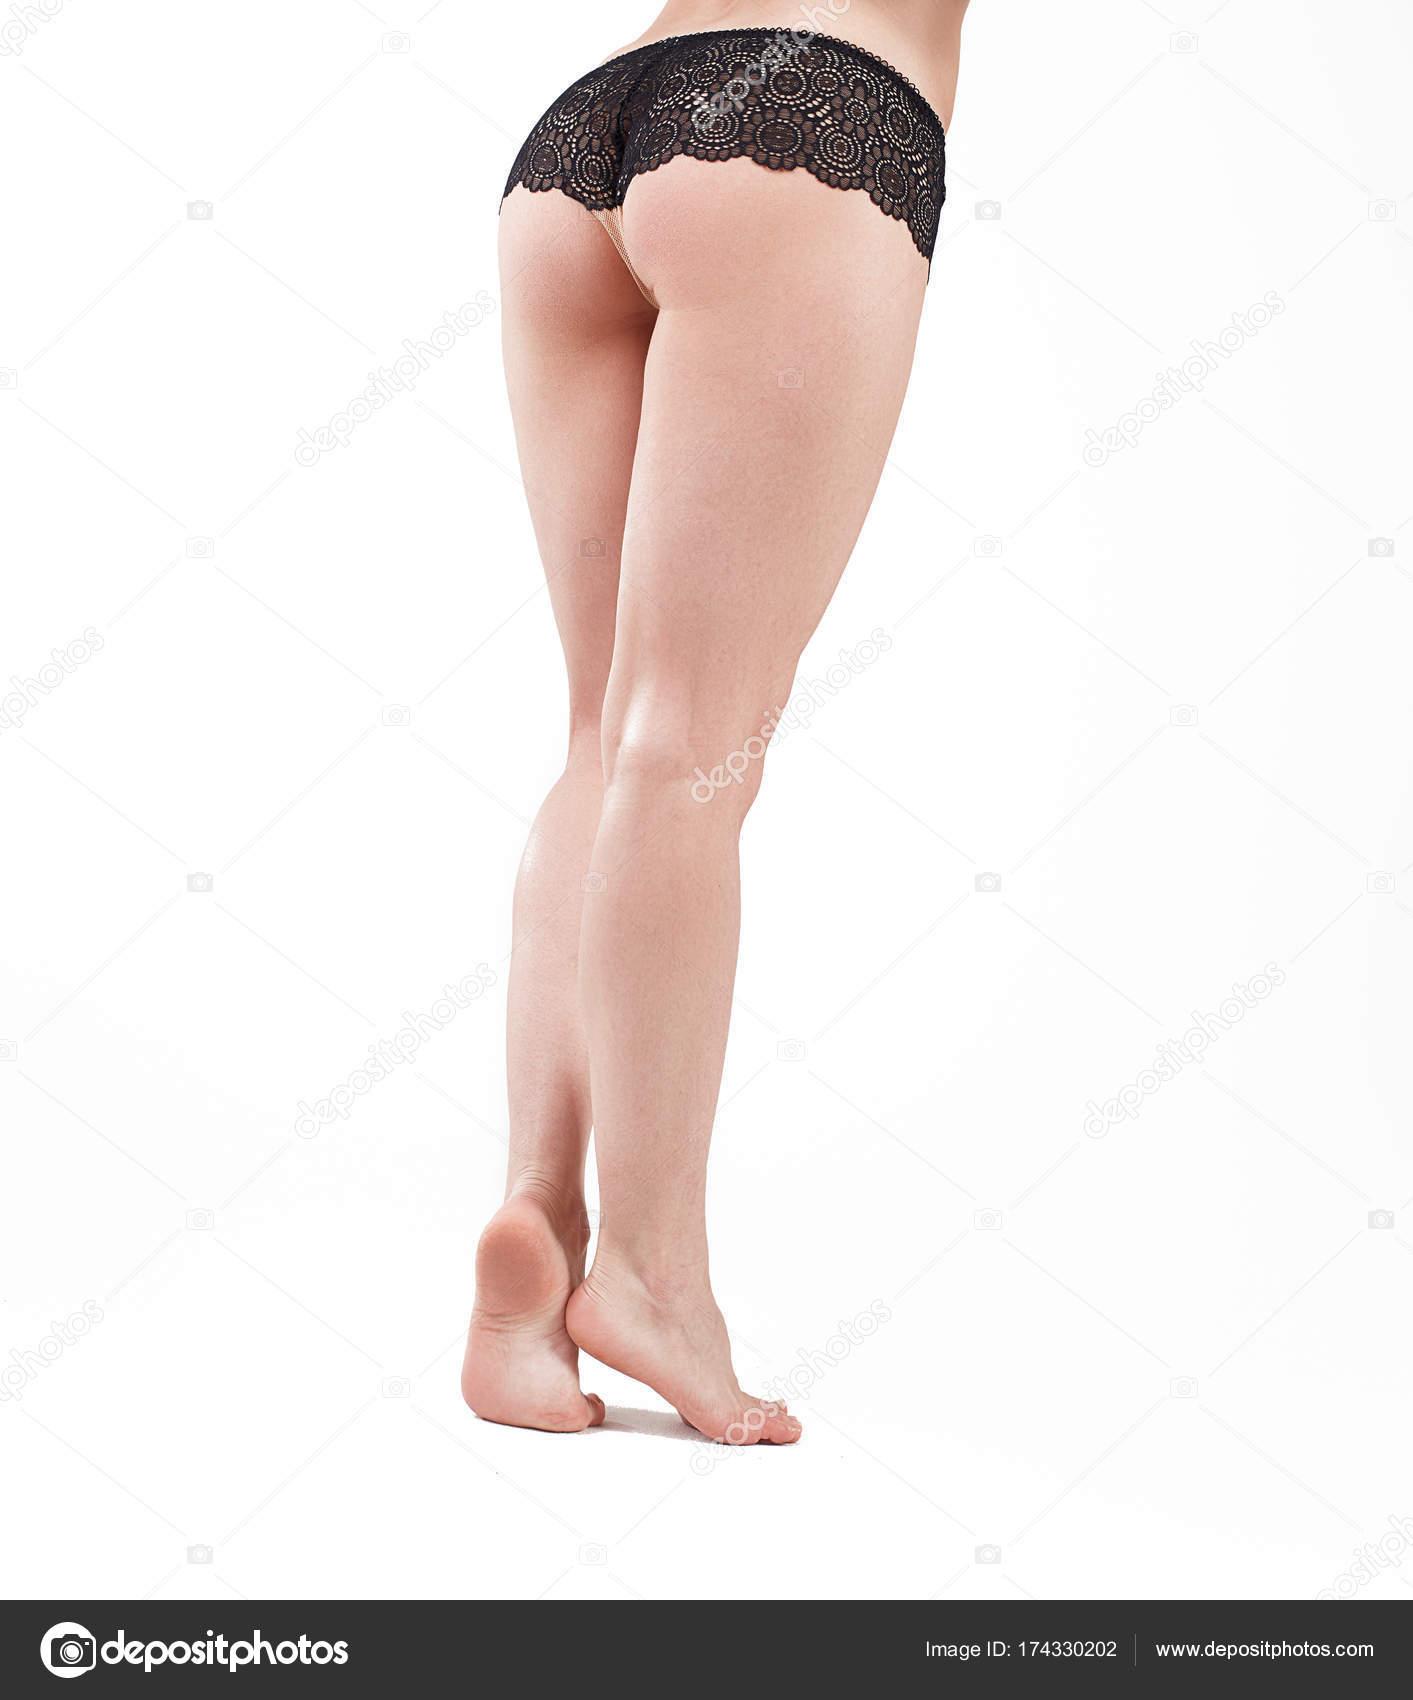 πρωκτικό σεξ μετά τον τοκετό